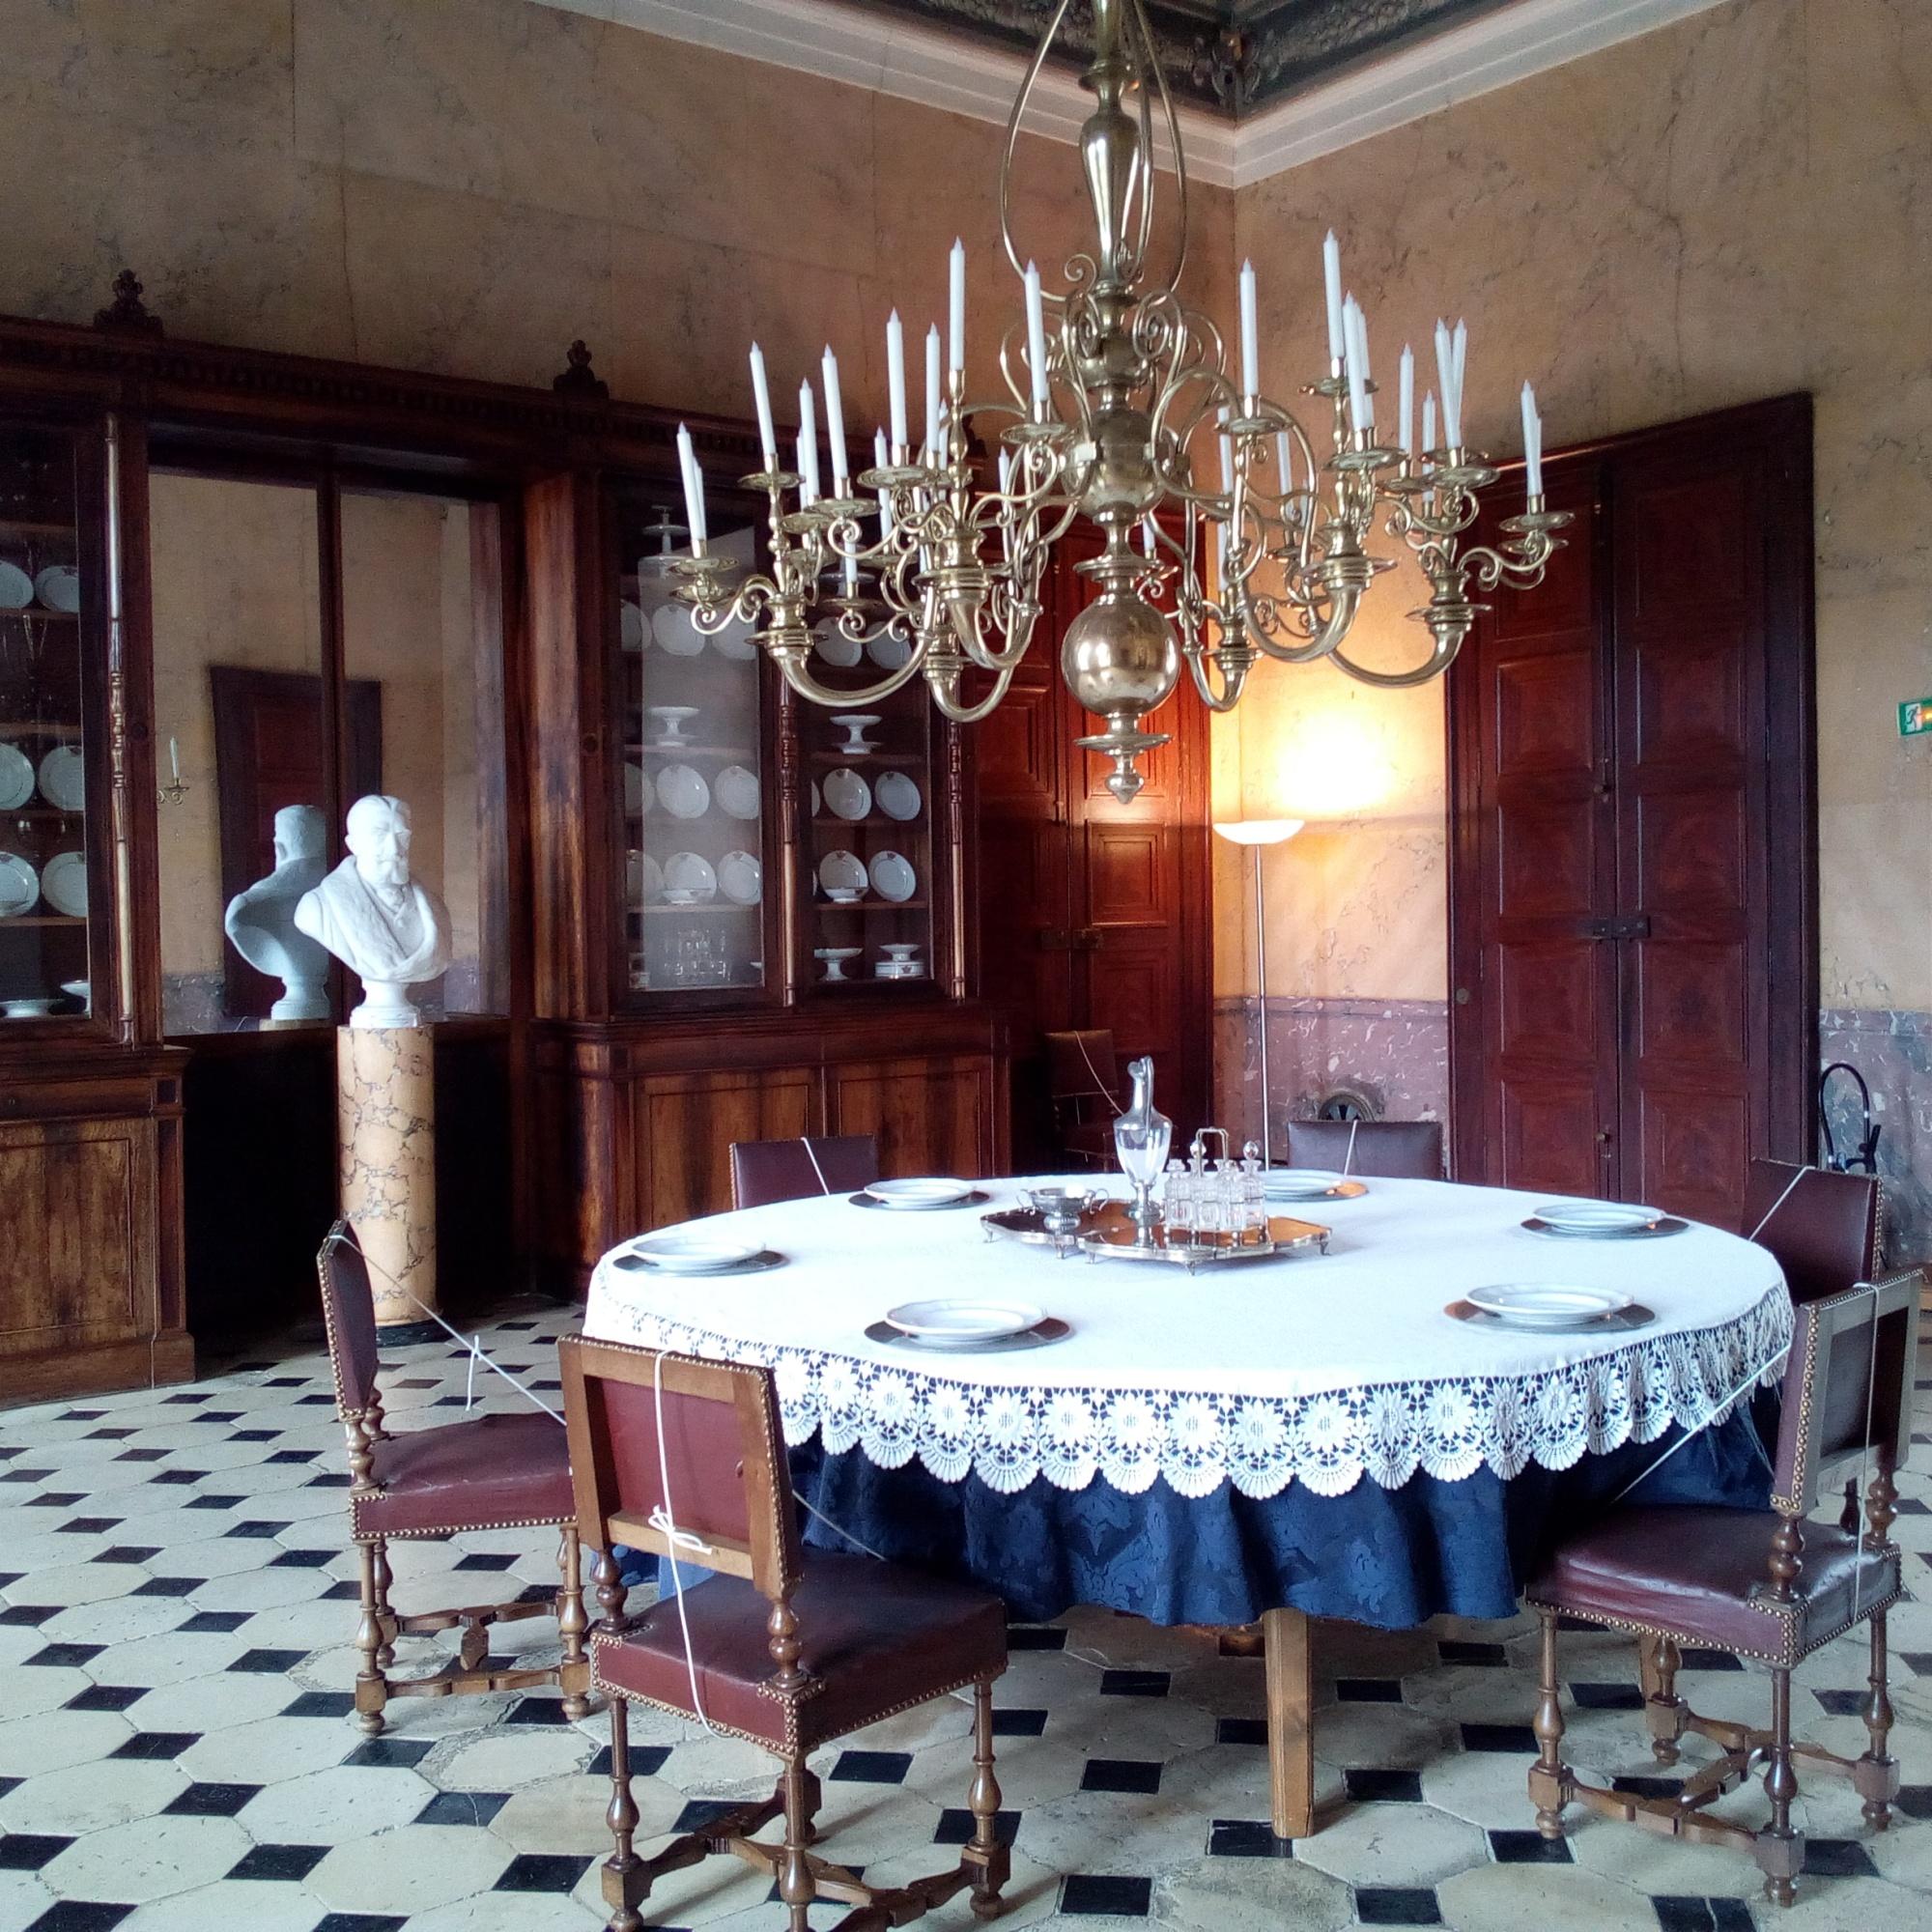 Château d'Ancy-le-Franc salle à manger, anti-chambre du Roi